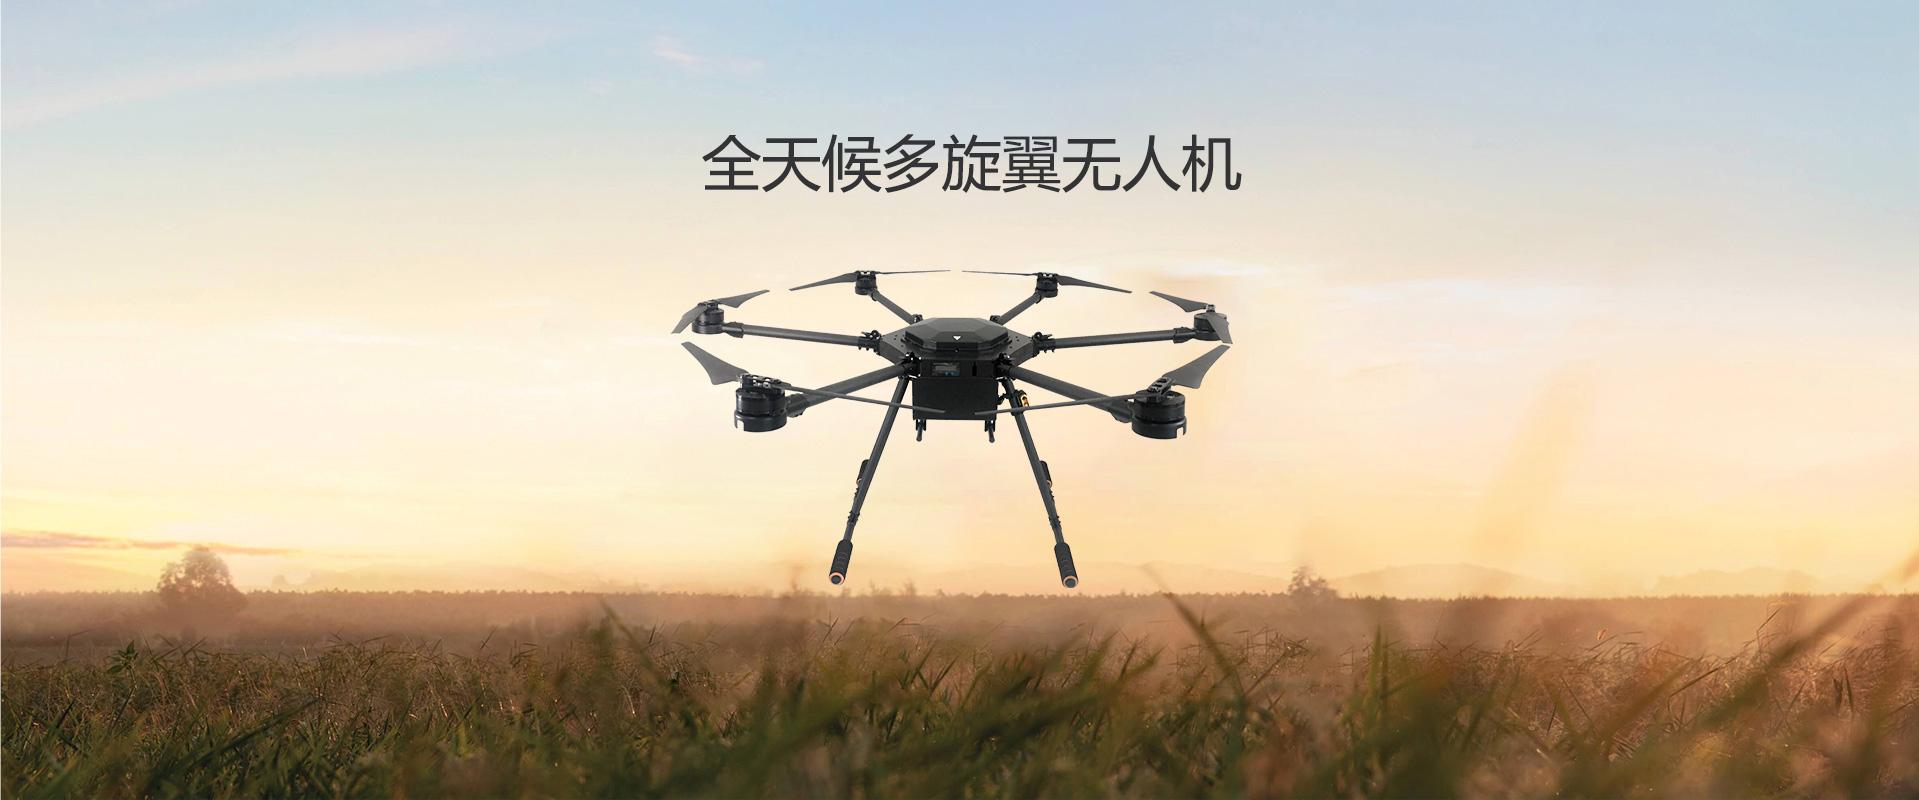 NF6113M全天候多旋翼无人机图片